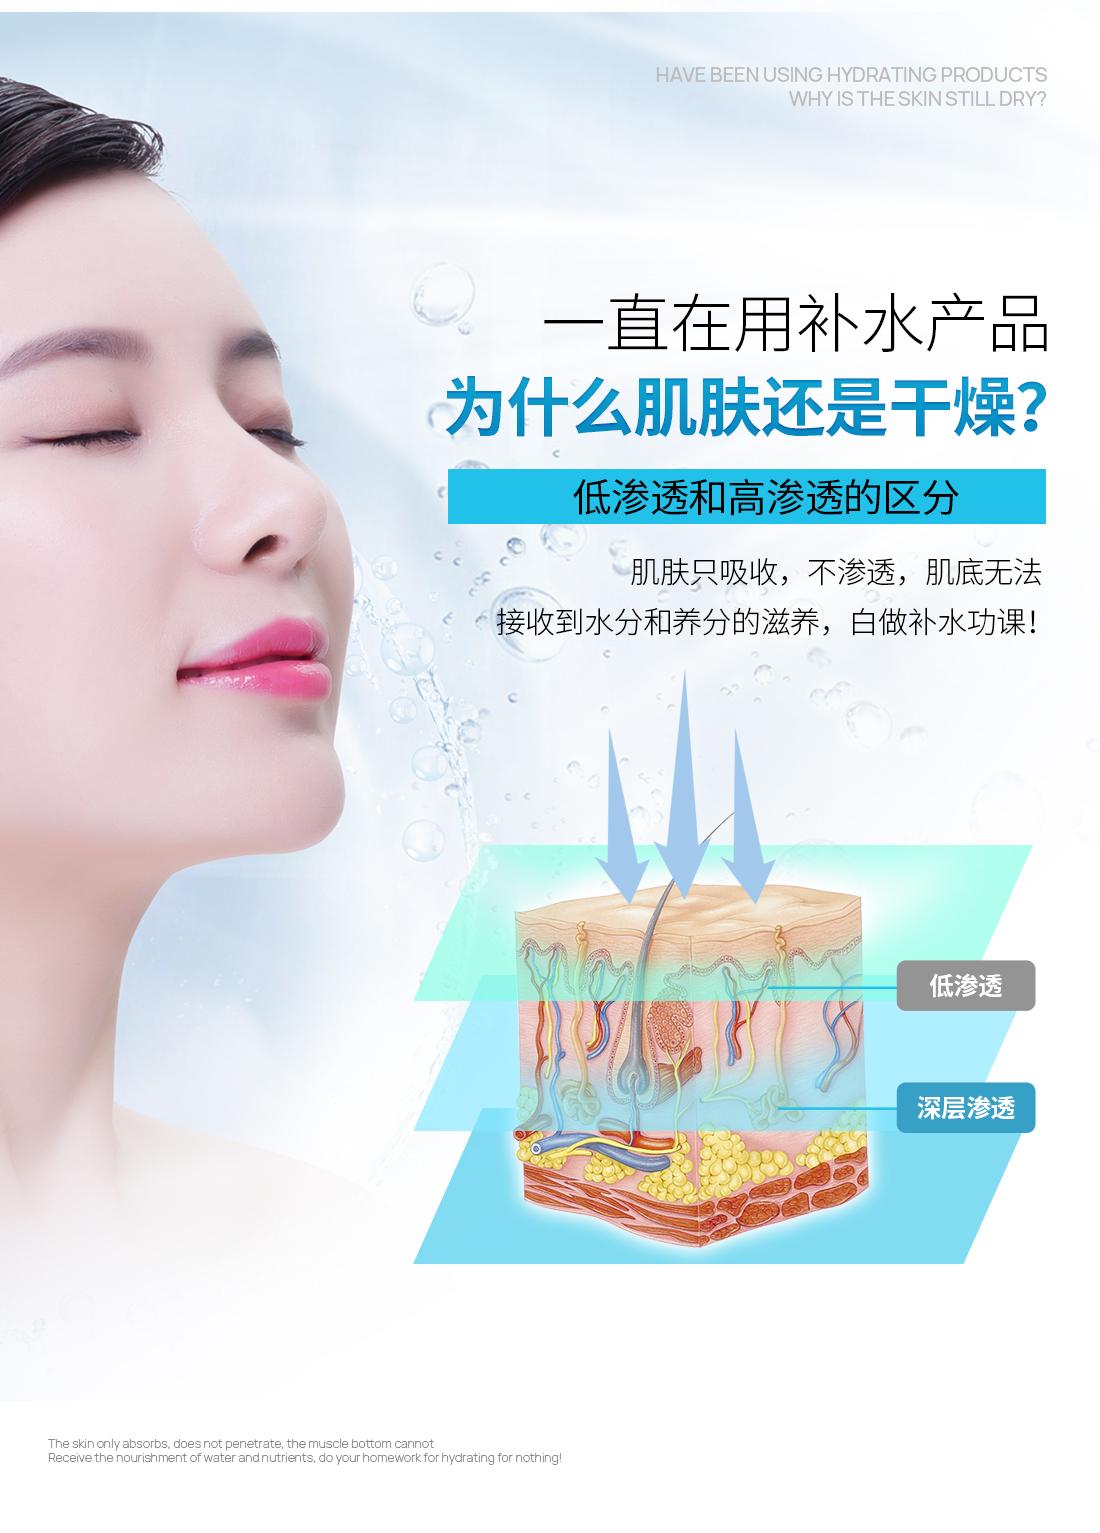 觅韵肤网维波丝力素一直在用补水产品,为什么肌肤还说干燥